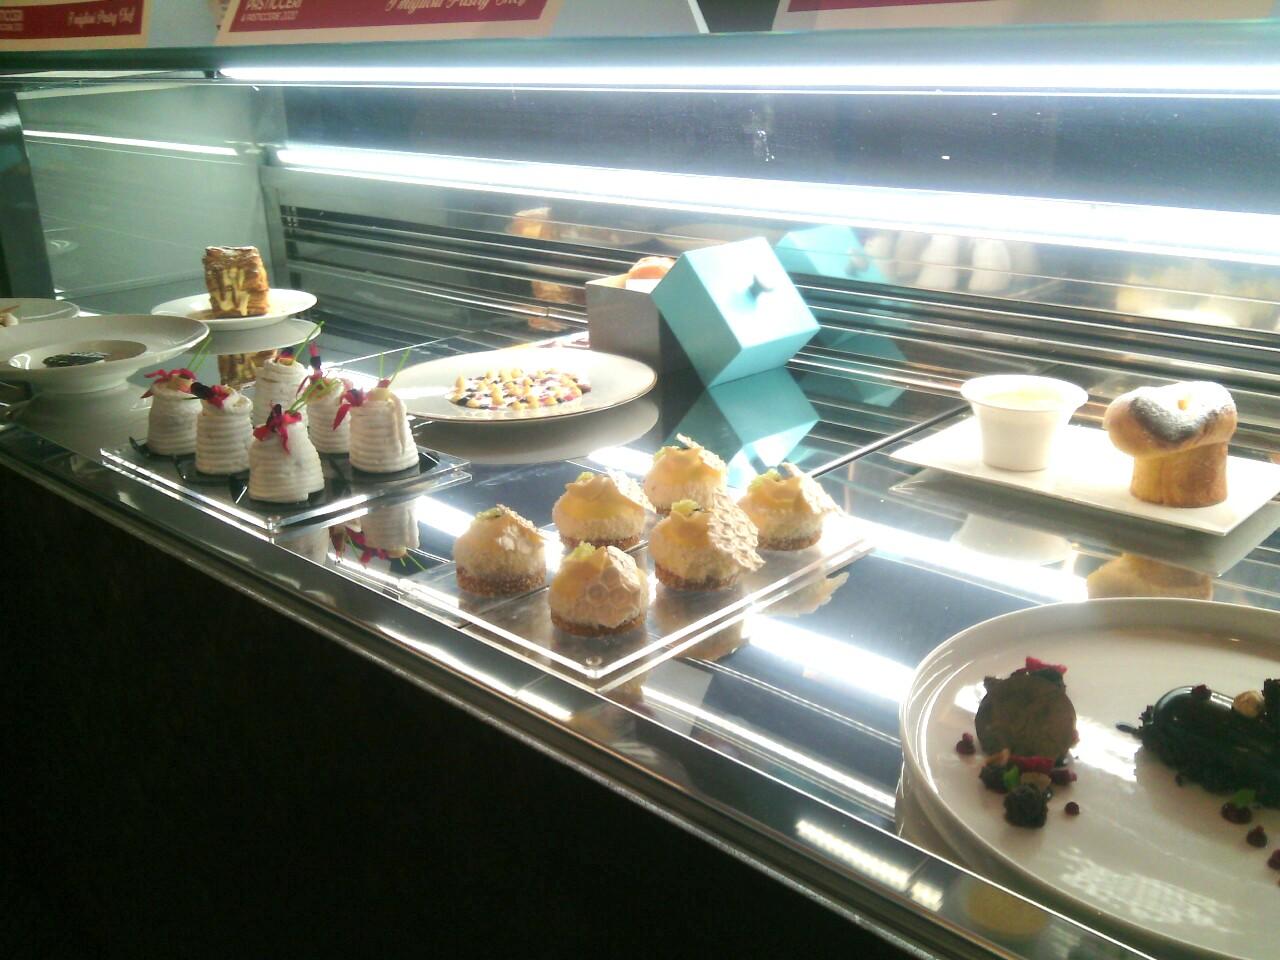 Guida Pasticceri&Pasticcerie 2020- I dolci dei pastry chef